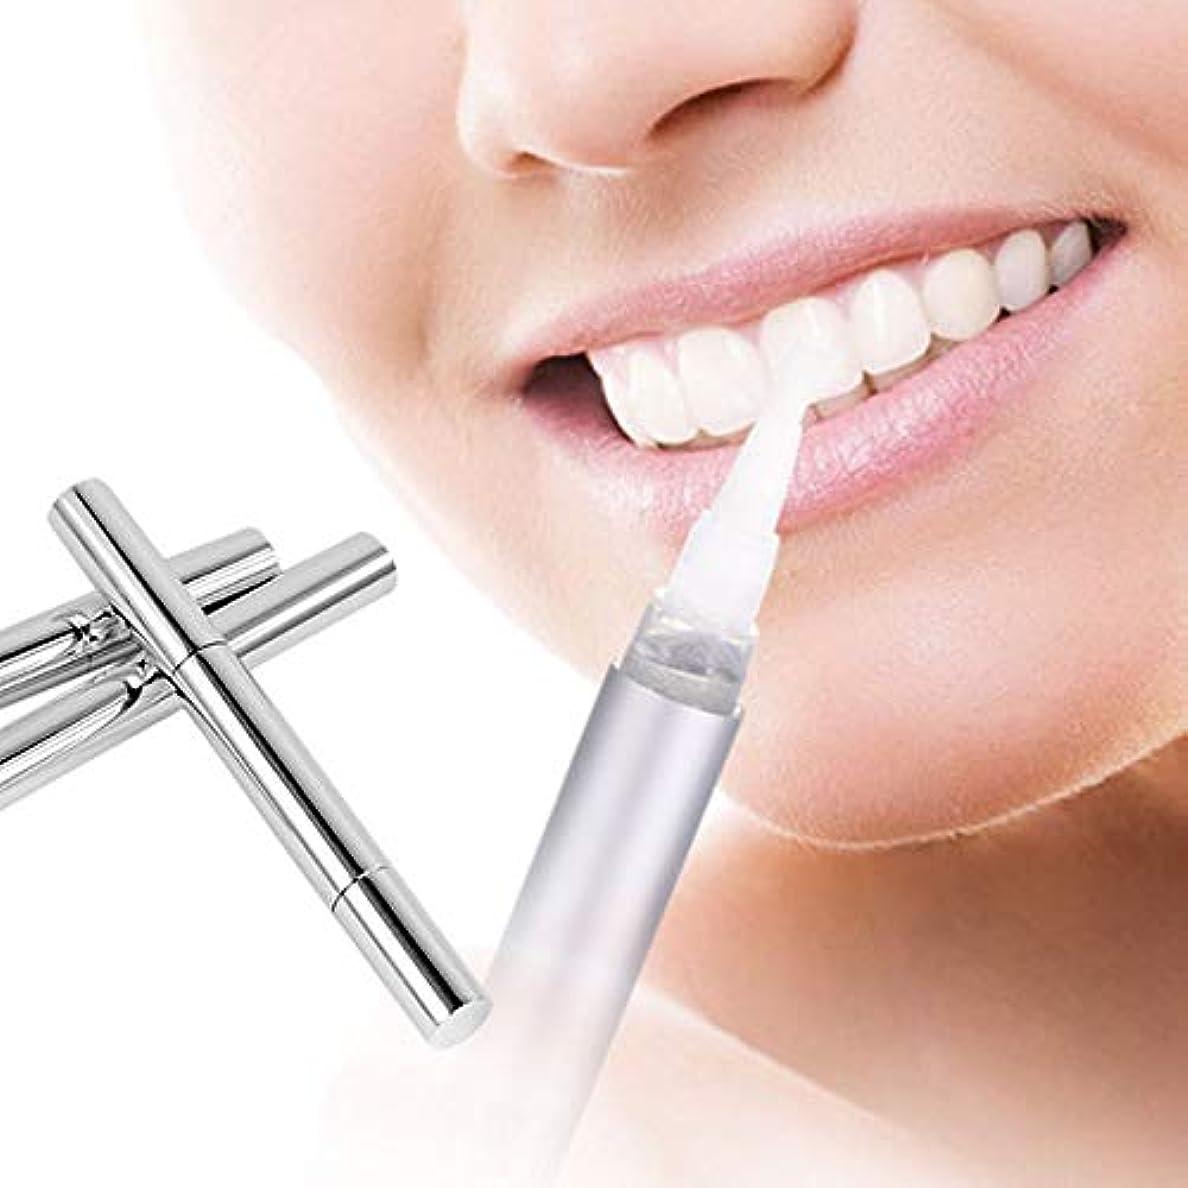 給料好戦的な存在美白歯ゲル 歯 ホワイトニングペン 美白ゲルマウスウォッシュ ステイン消し携帯便利 口腔洗浄ツール 輝く笑顔 口臭防止 歯周病防止